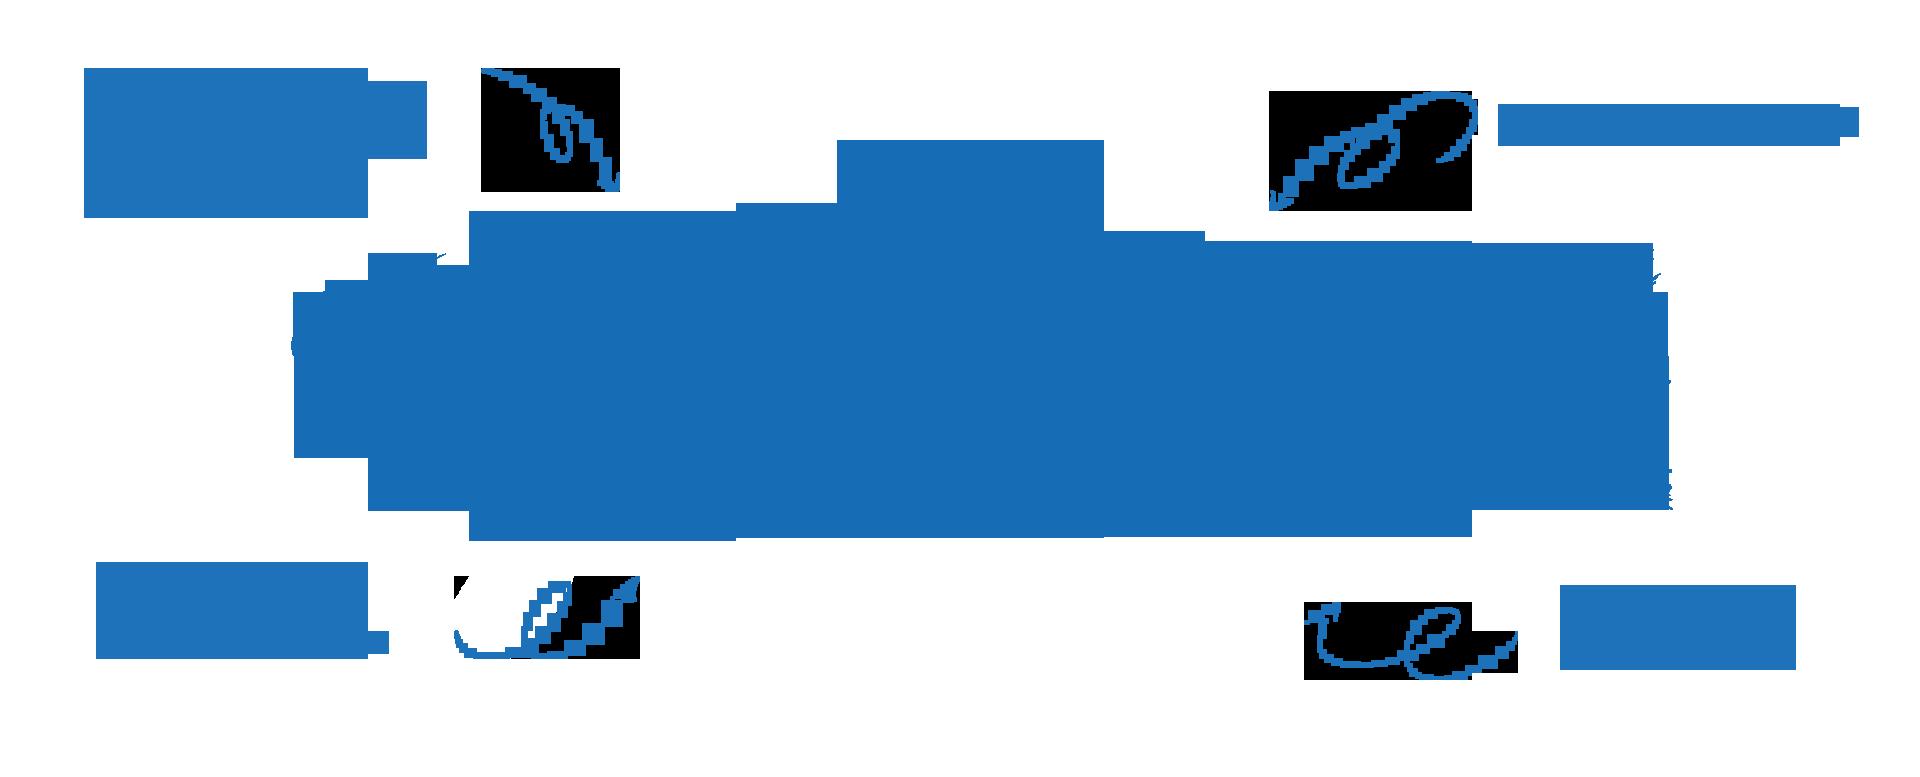 Ryba rysunek deutch